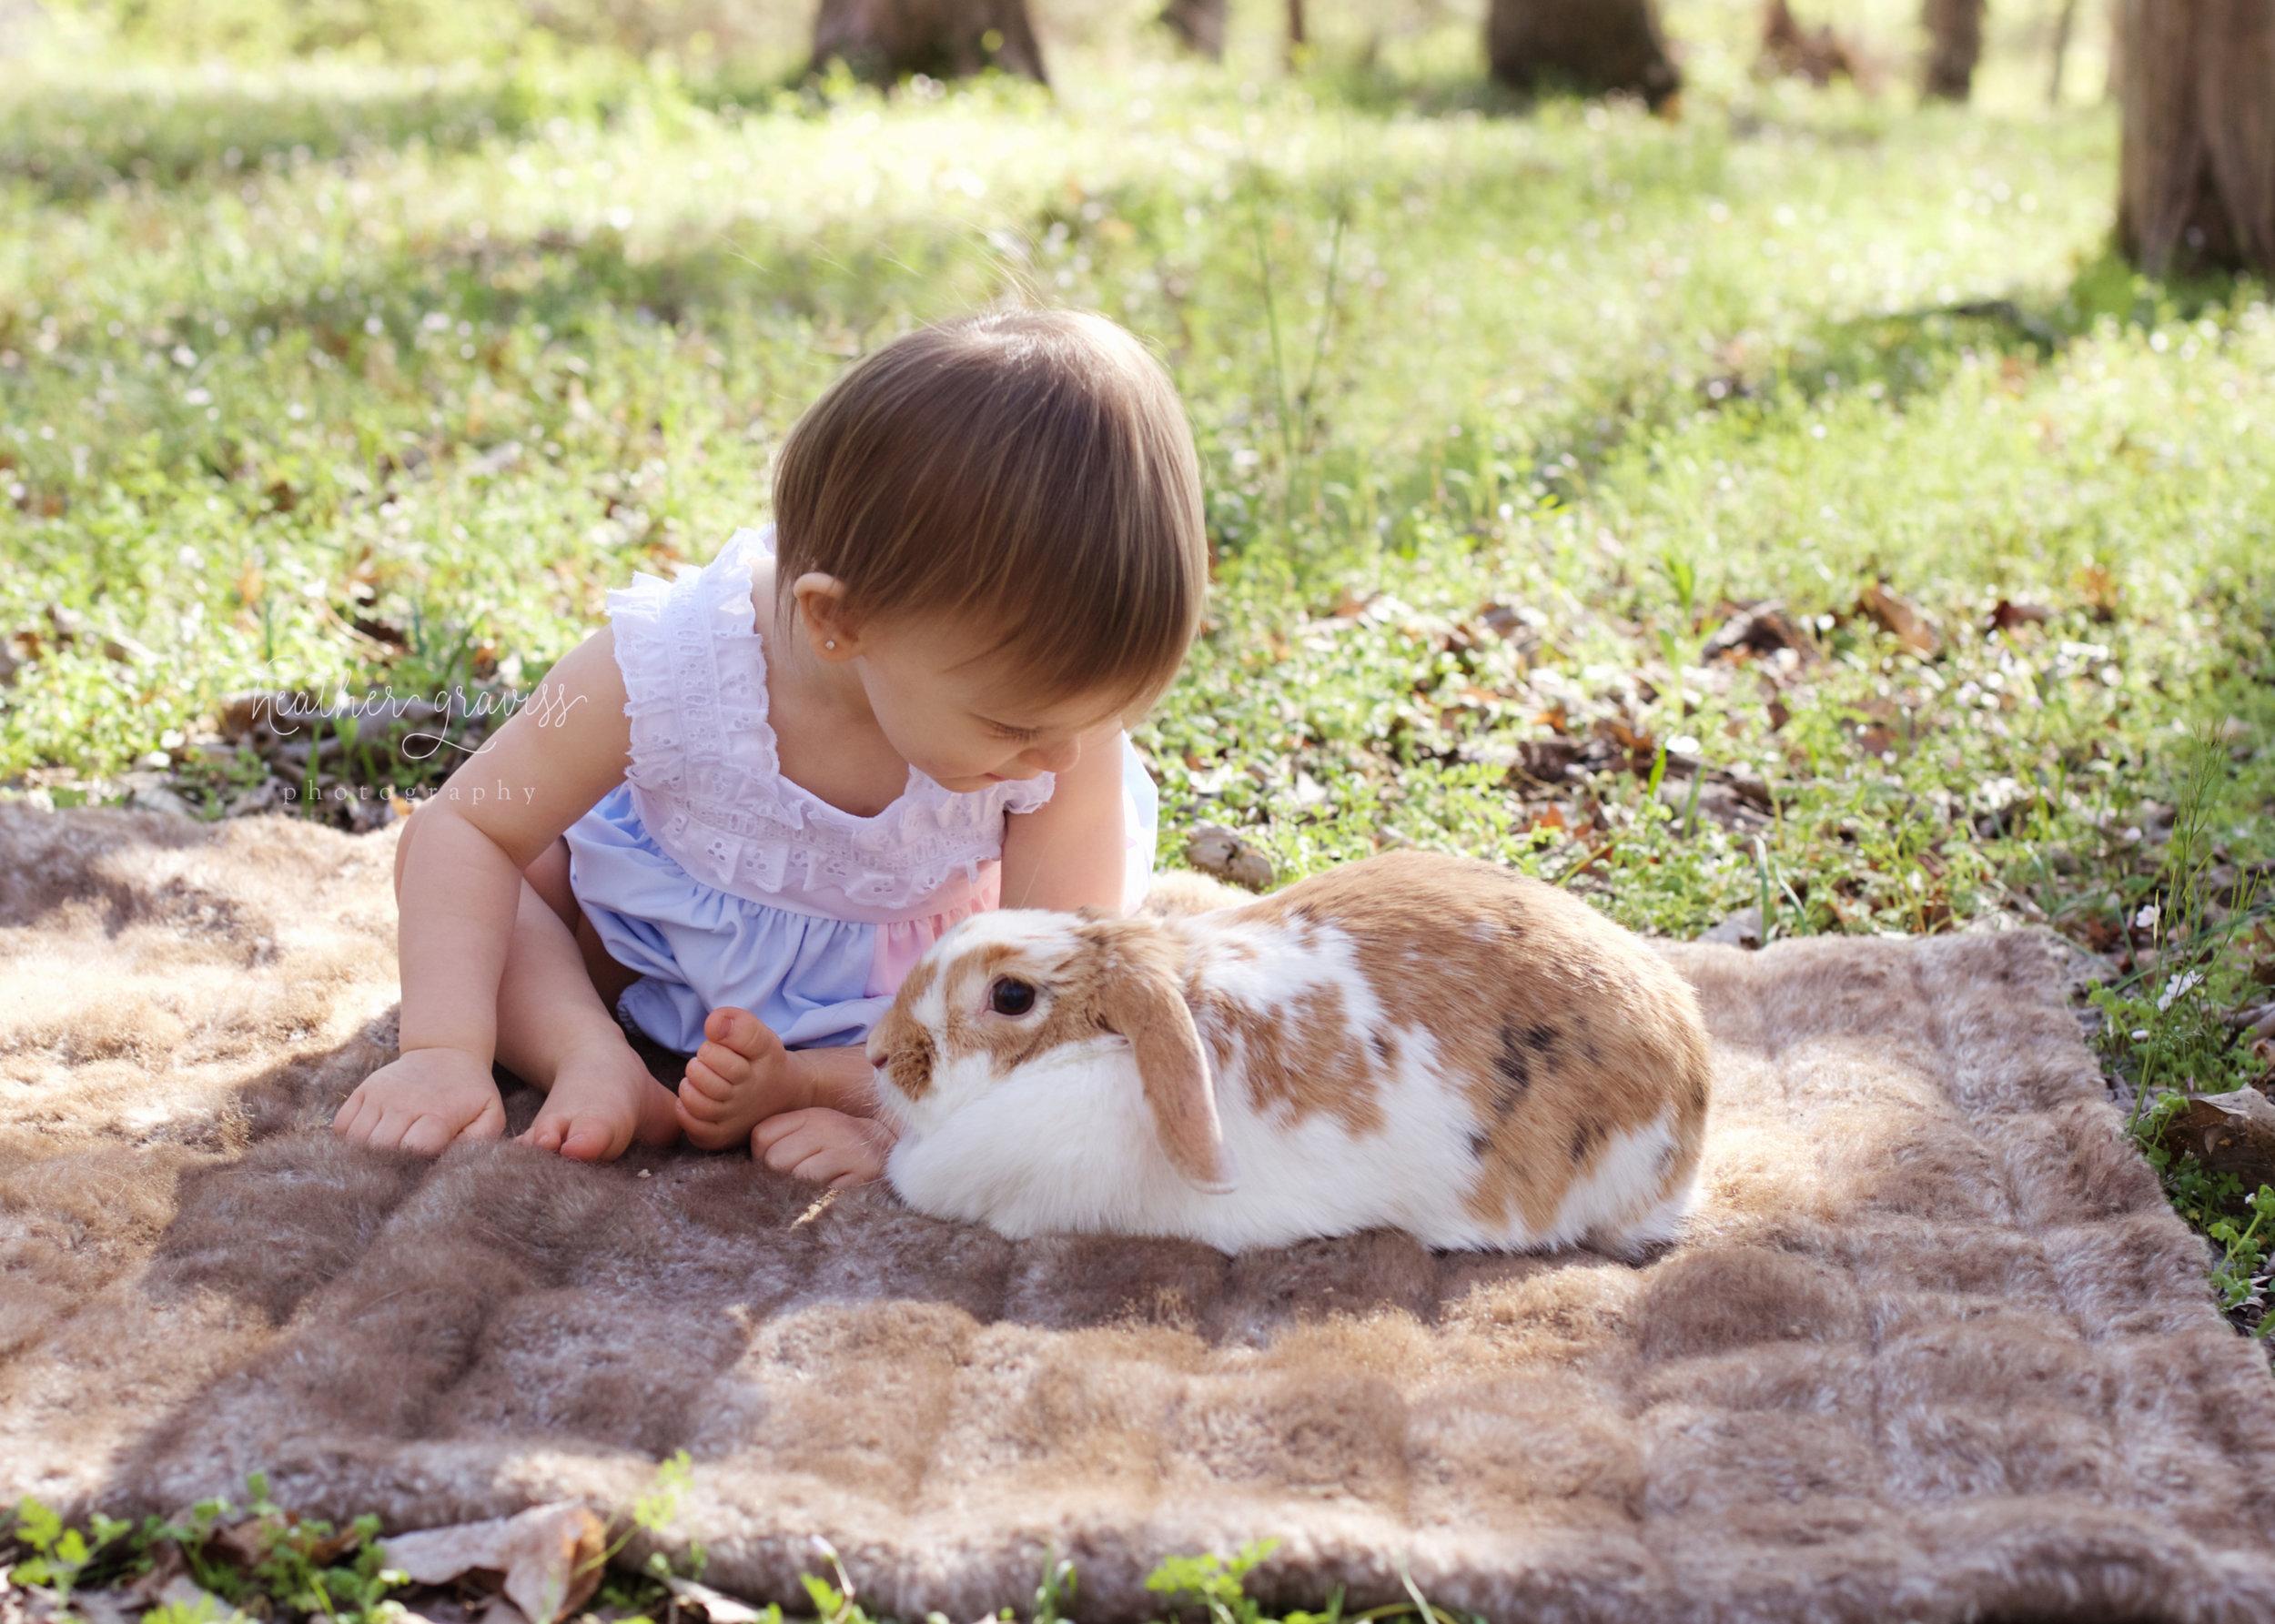 kiss-the-bunny.jpg